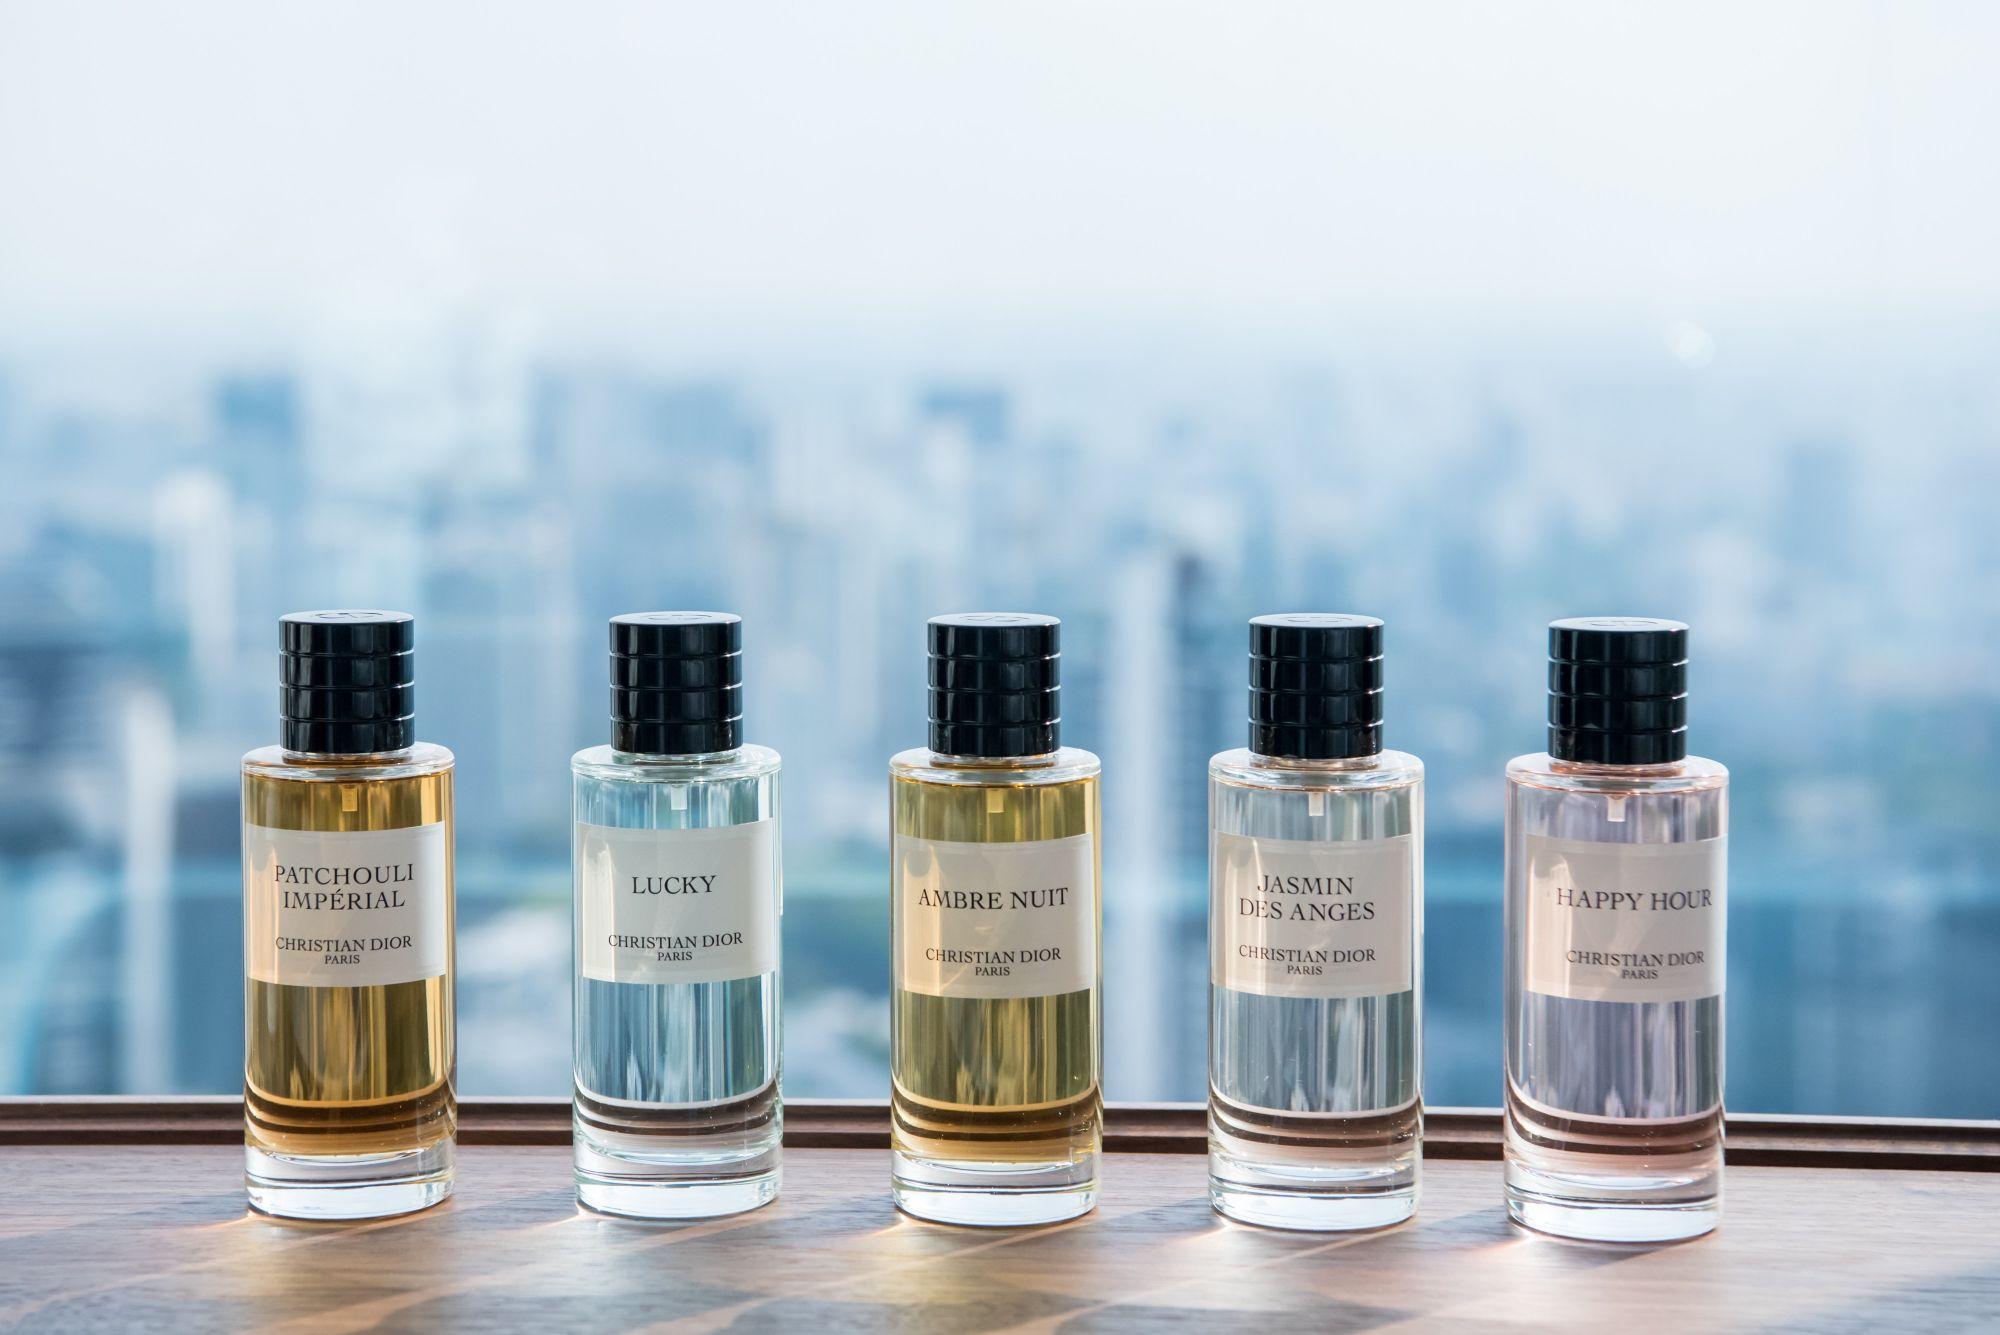 FrançoisDemachy On The World OfPerfumery And Maison Christian Dior